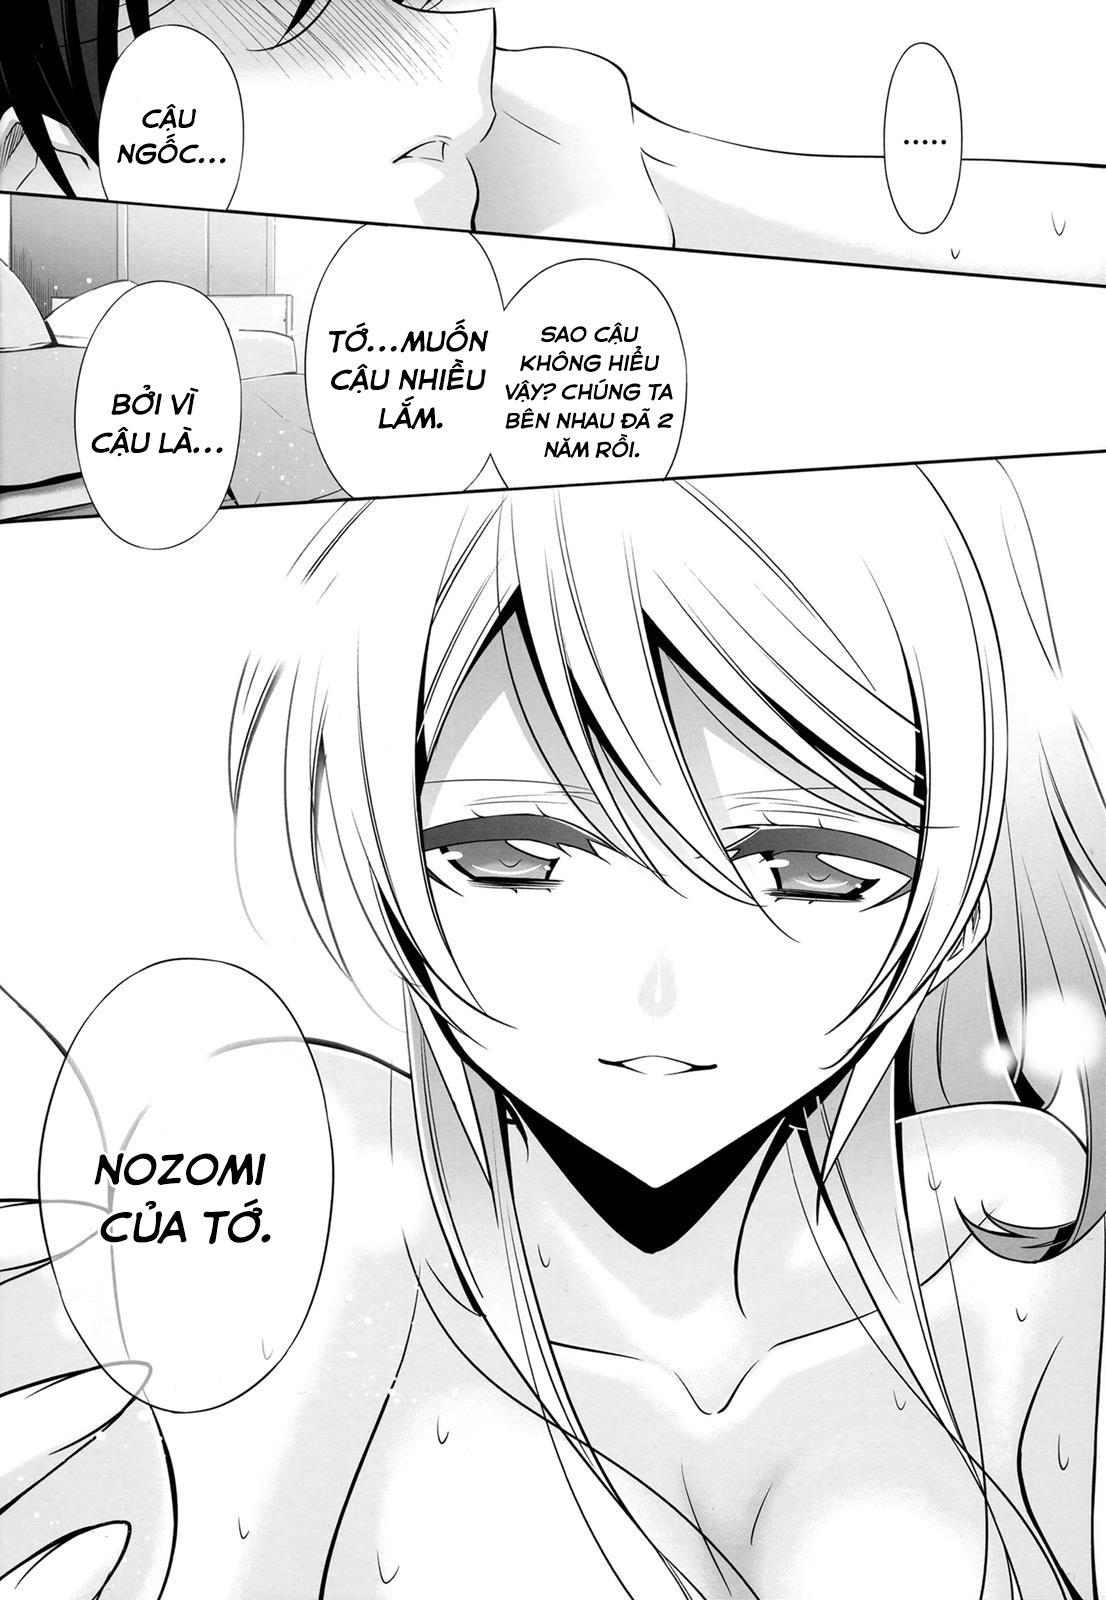 Hình ảnh  trong bài viết My Nozomi